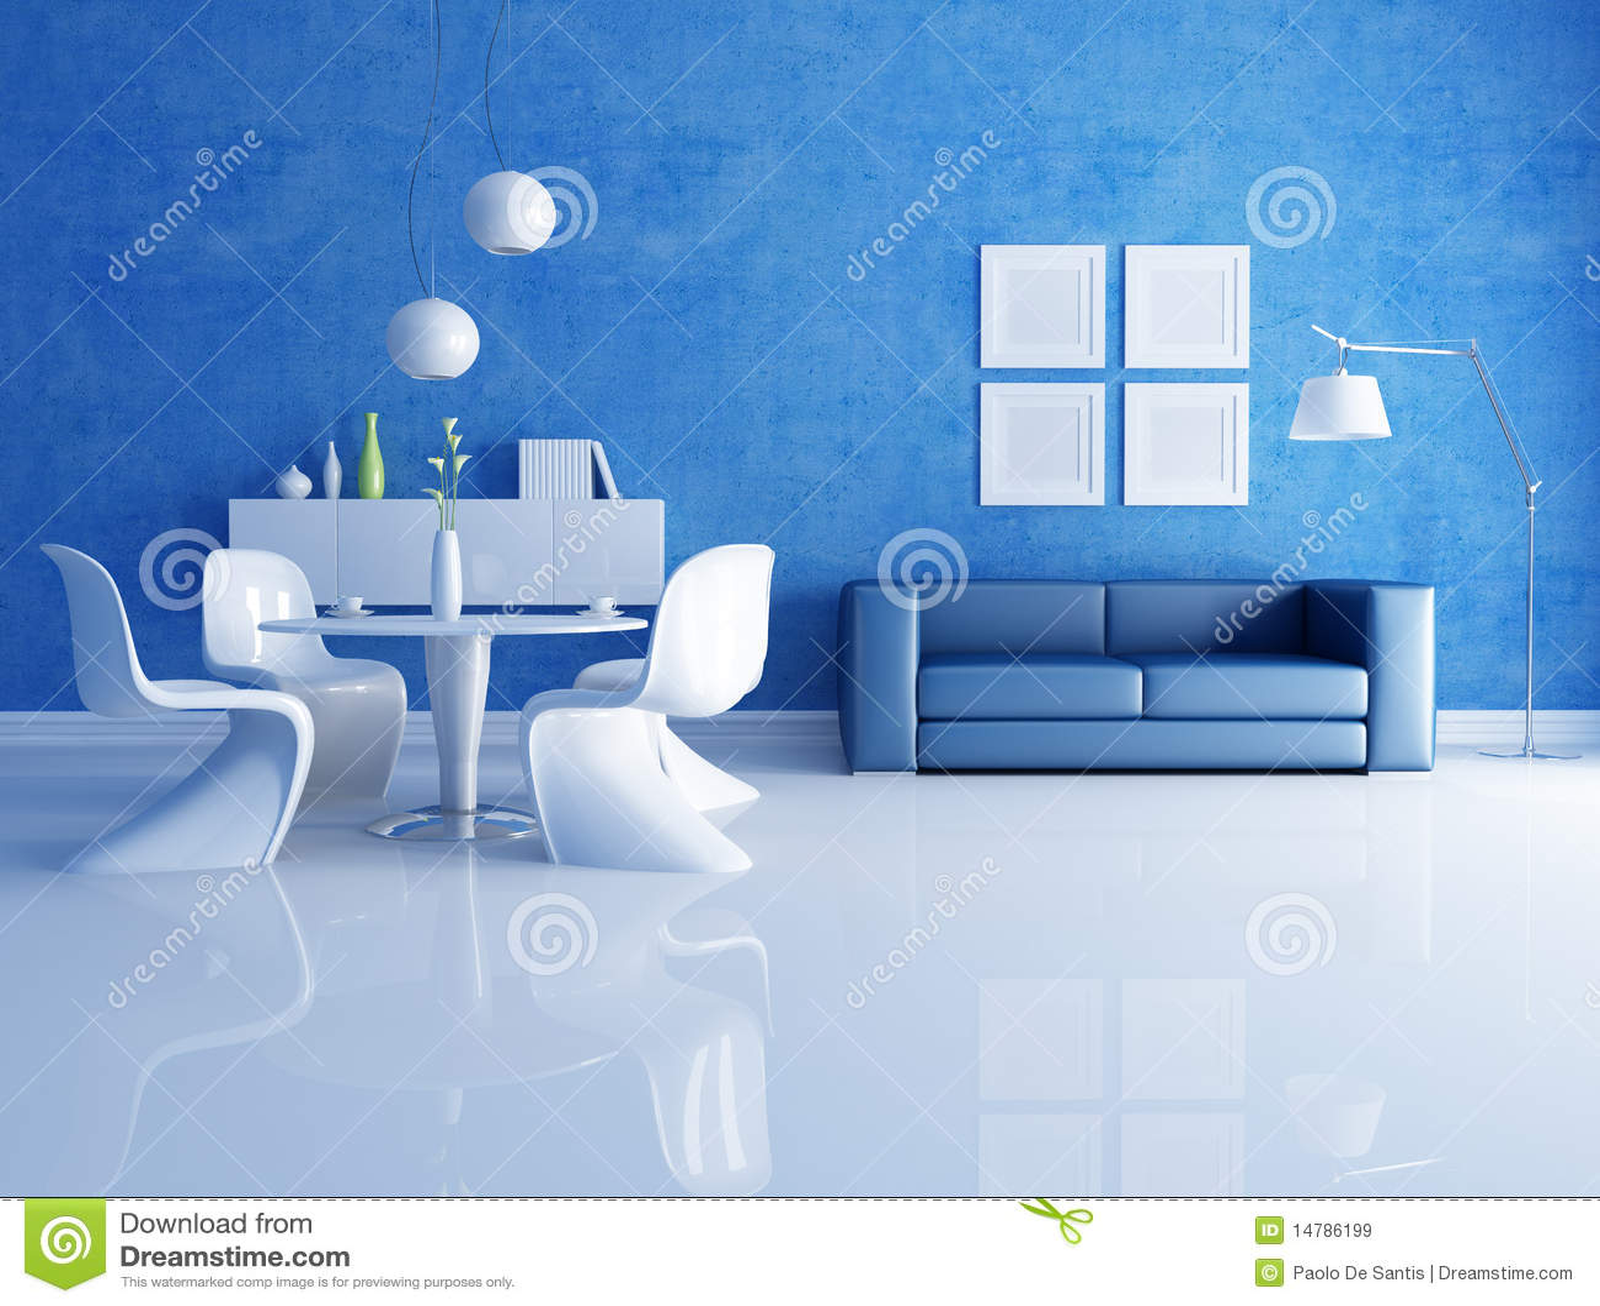 Blauwe En Witte Eetkamer Royalty-vrije Stock Afbeeldingen - Afbeelding ...